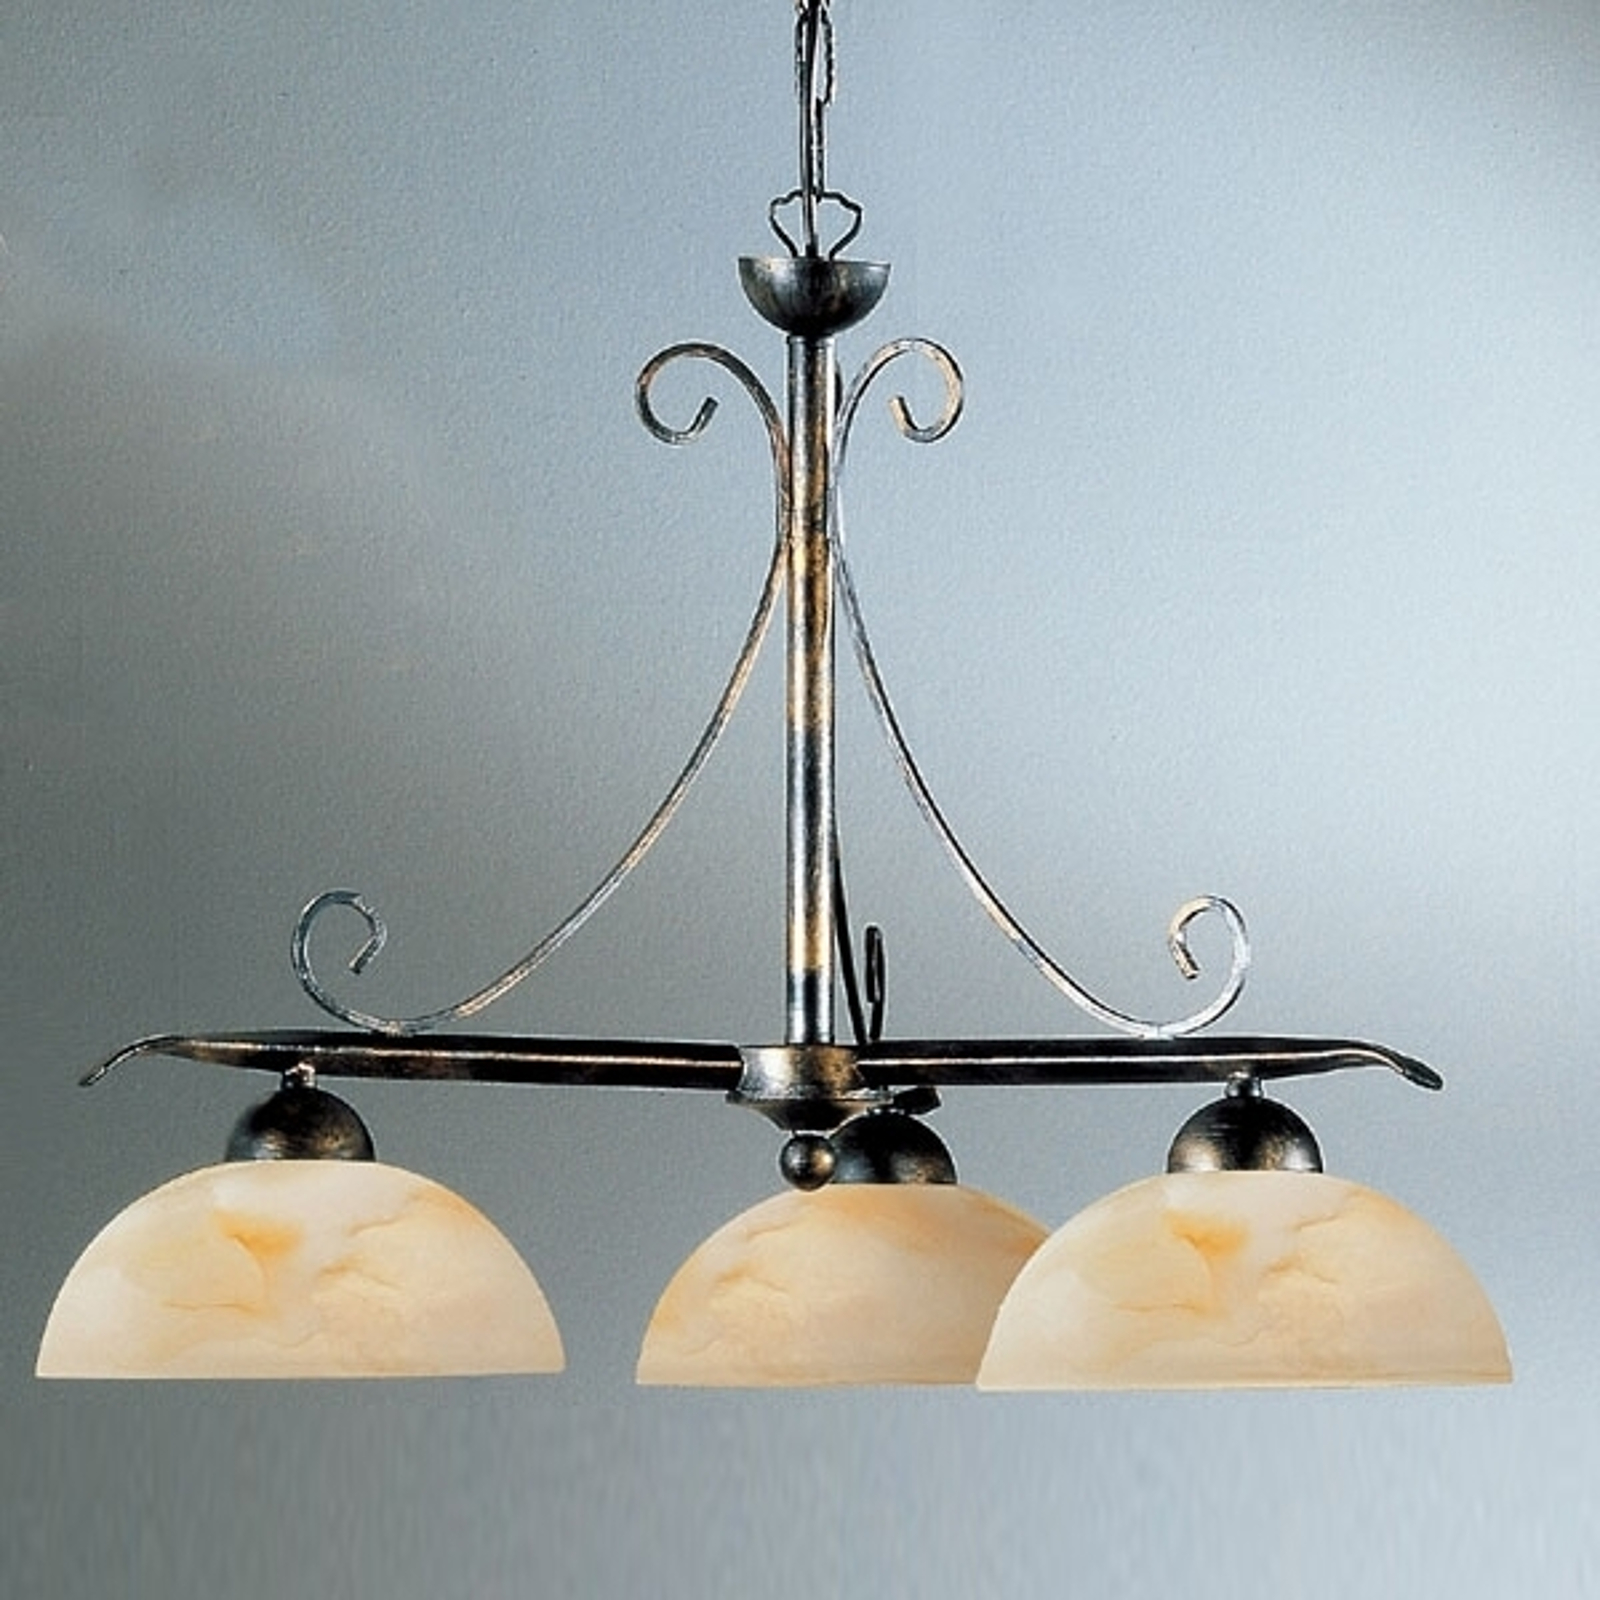 Dana hængelampe i landlig stil, 3 lyskilder